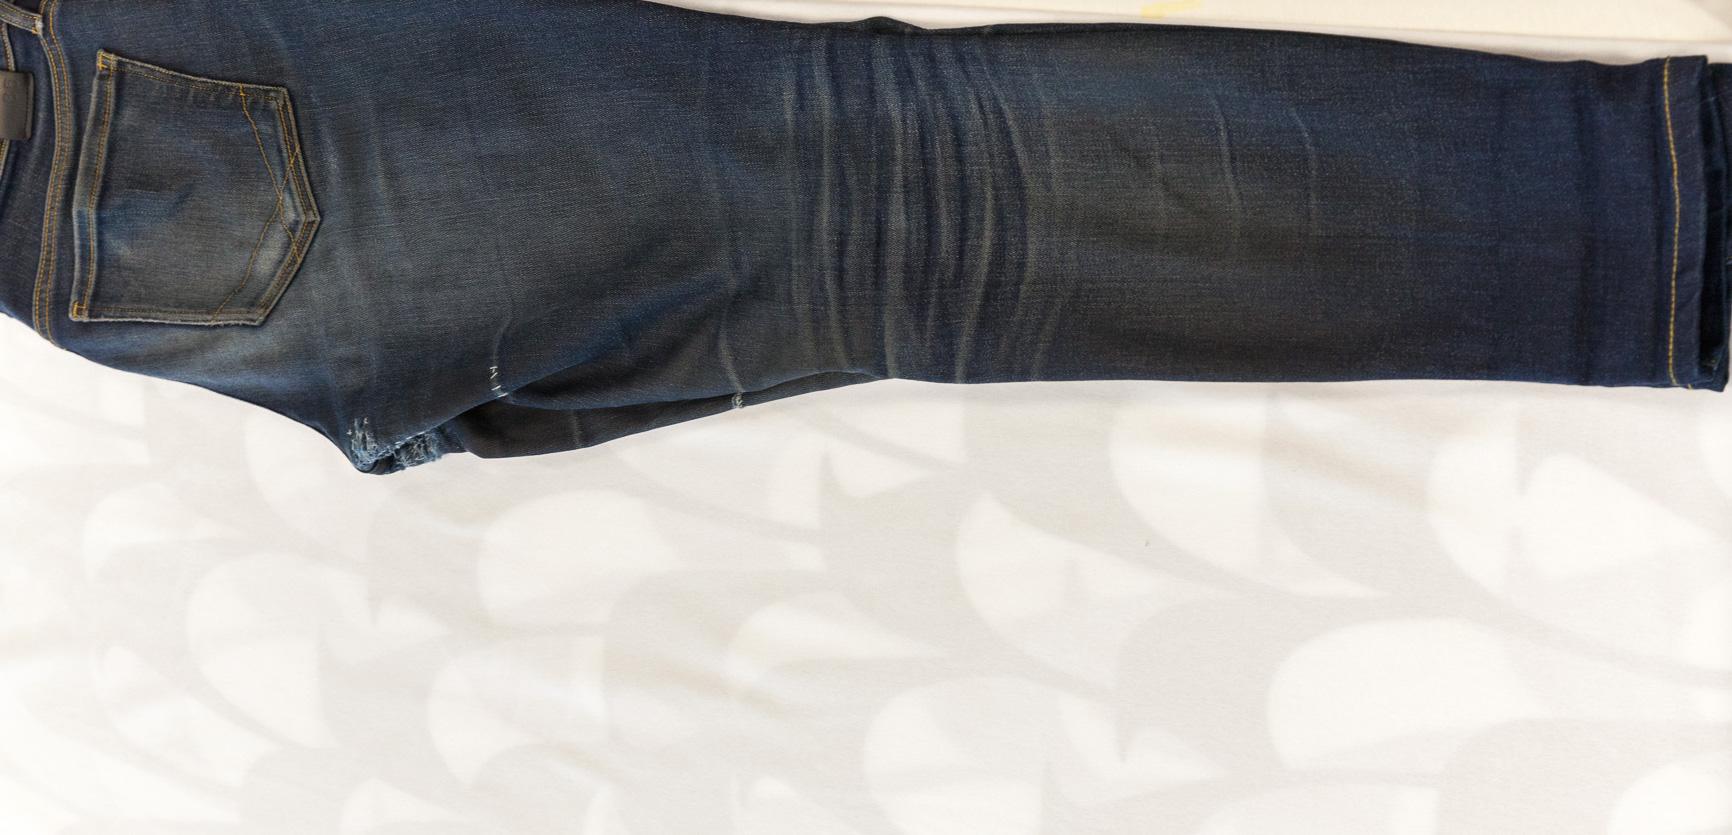 Loungewear Tutorial | Spoonflower Blog